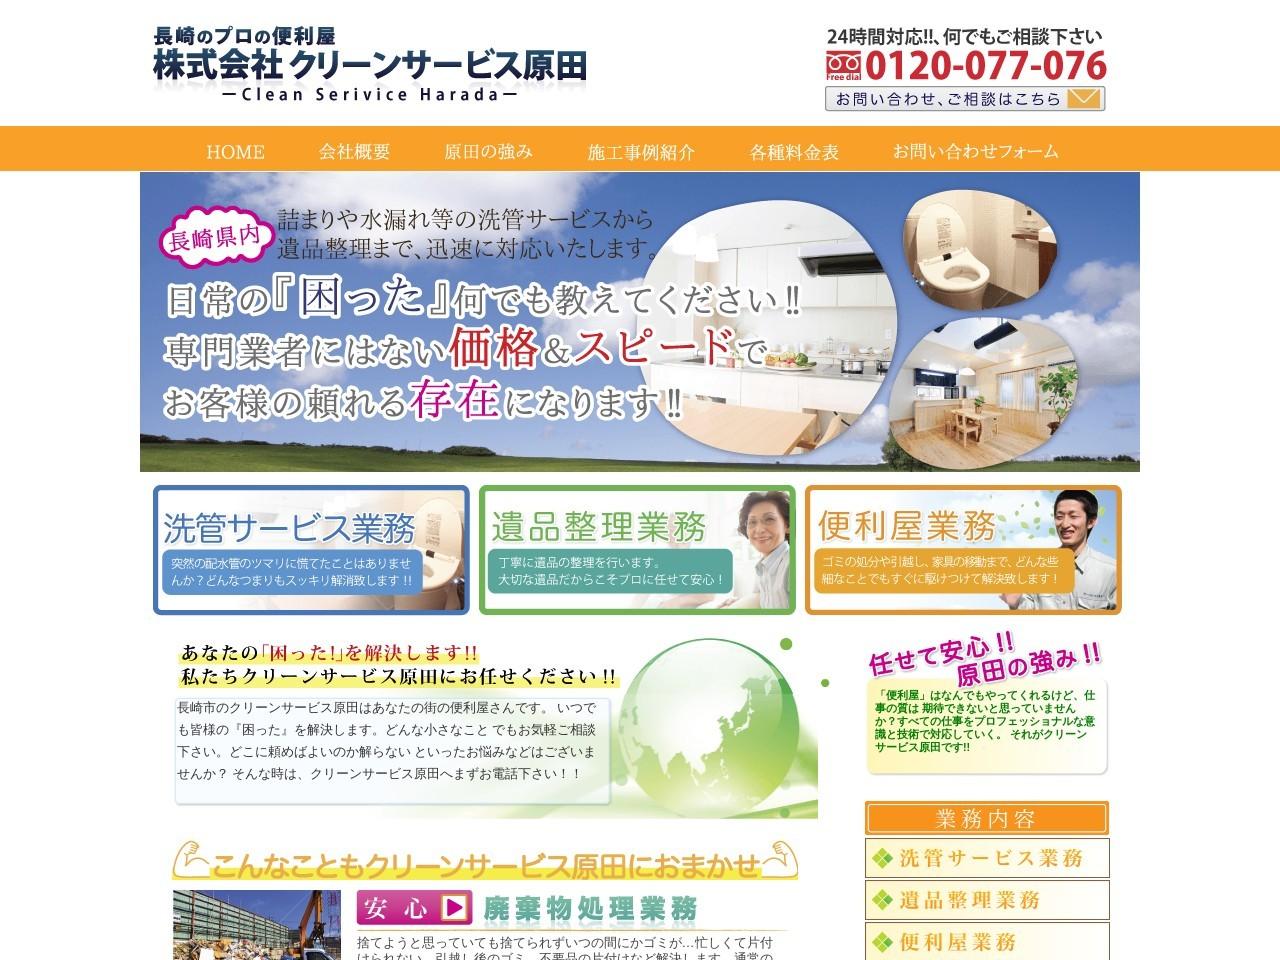 株式会社クリーンサービス原田